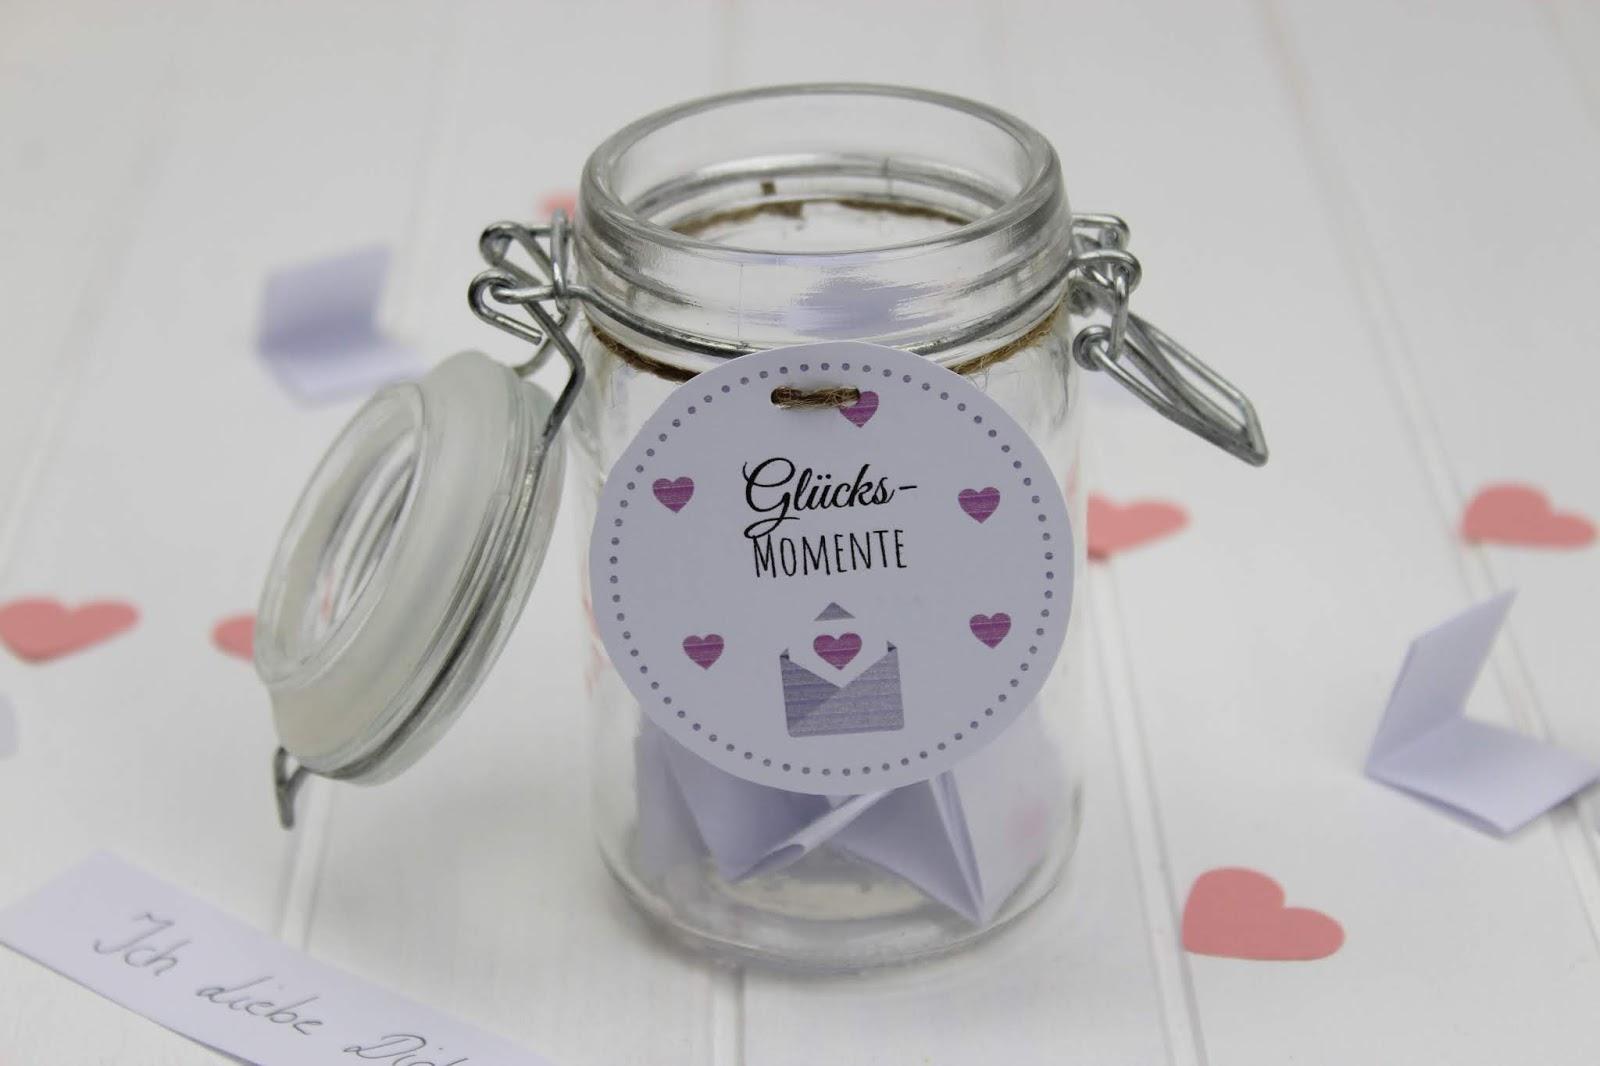 Diy Geschenk Im Glas Glücksmomente Selber Machen Perfekte Romantische Geschenkidee Zum Valentinstag